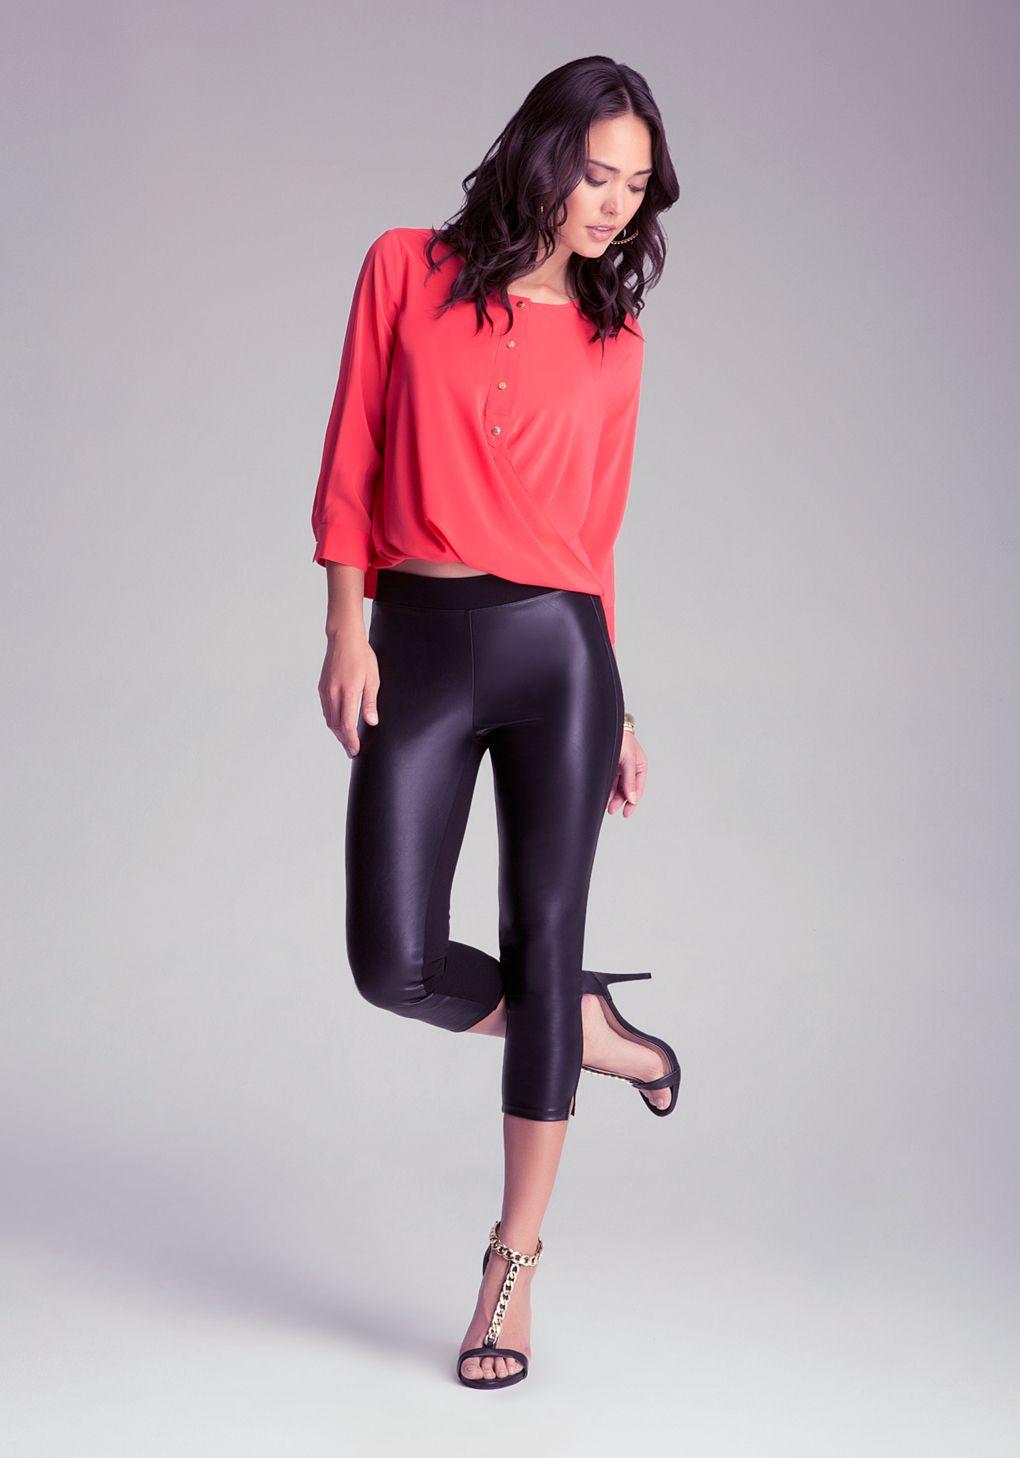 Women's Black Front Slit Capri Leggings   Capri leggings, Bebe and ...